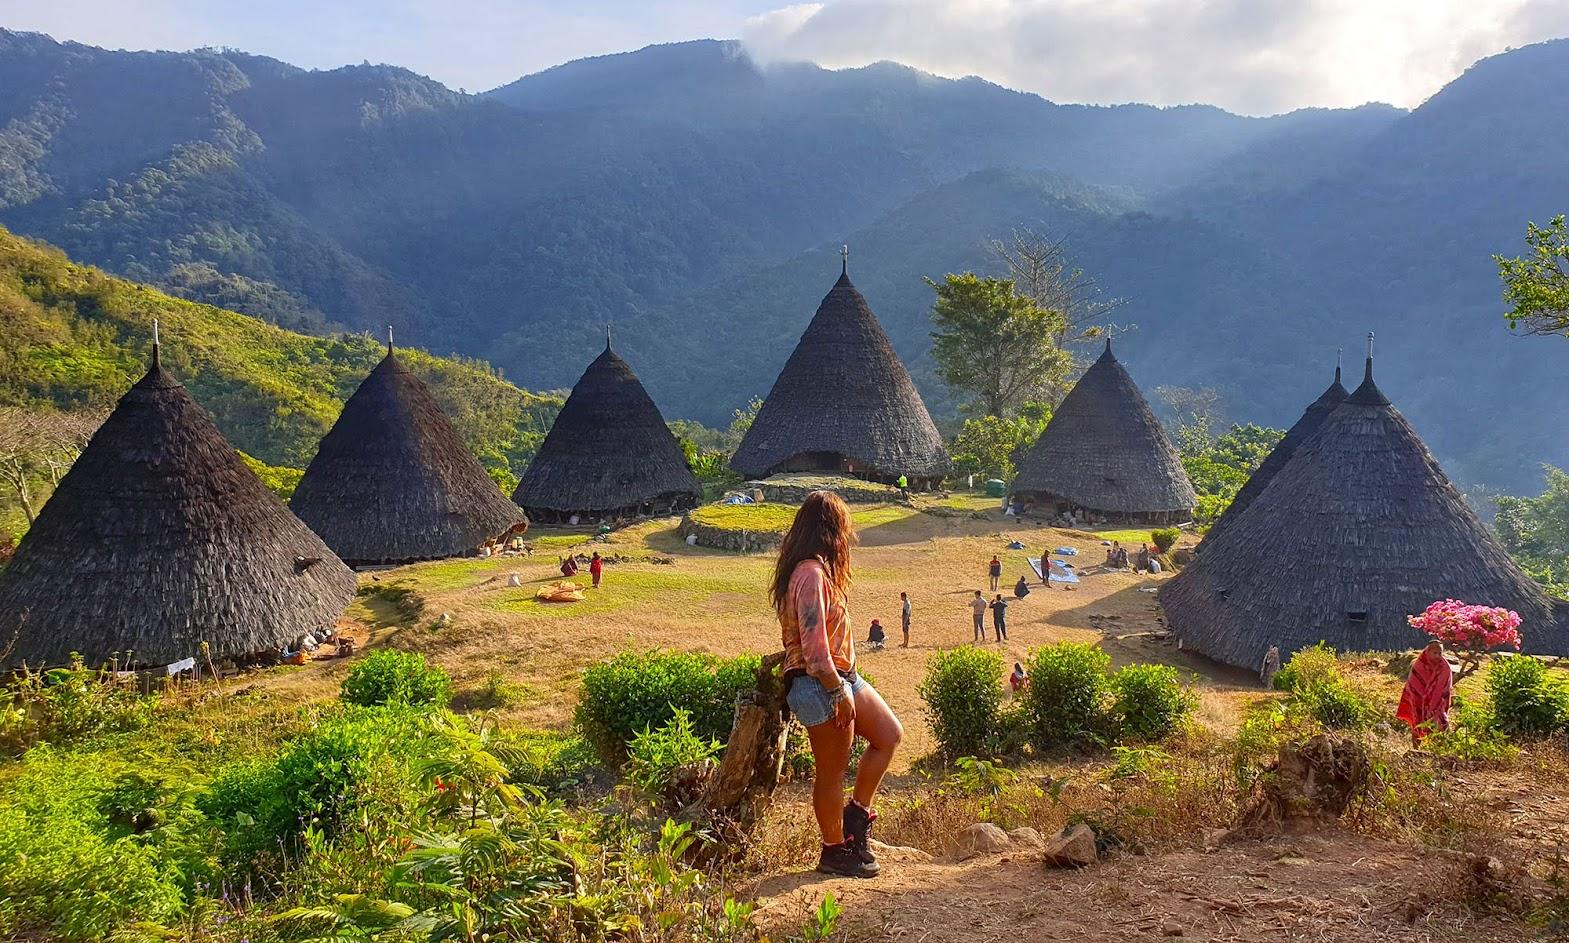 DIAS 68 a 70 - Da Labuan Bajo muçulmana à WAE REBO ancestral na ilha das Flores